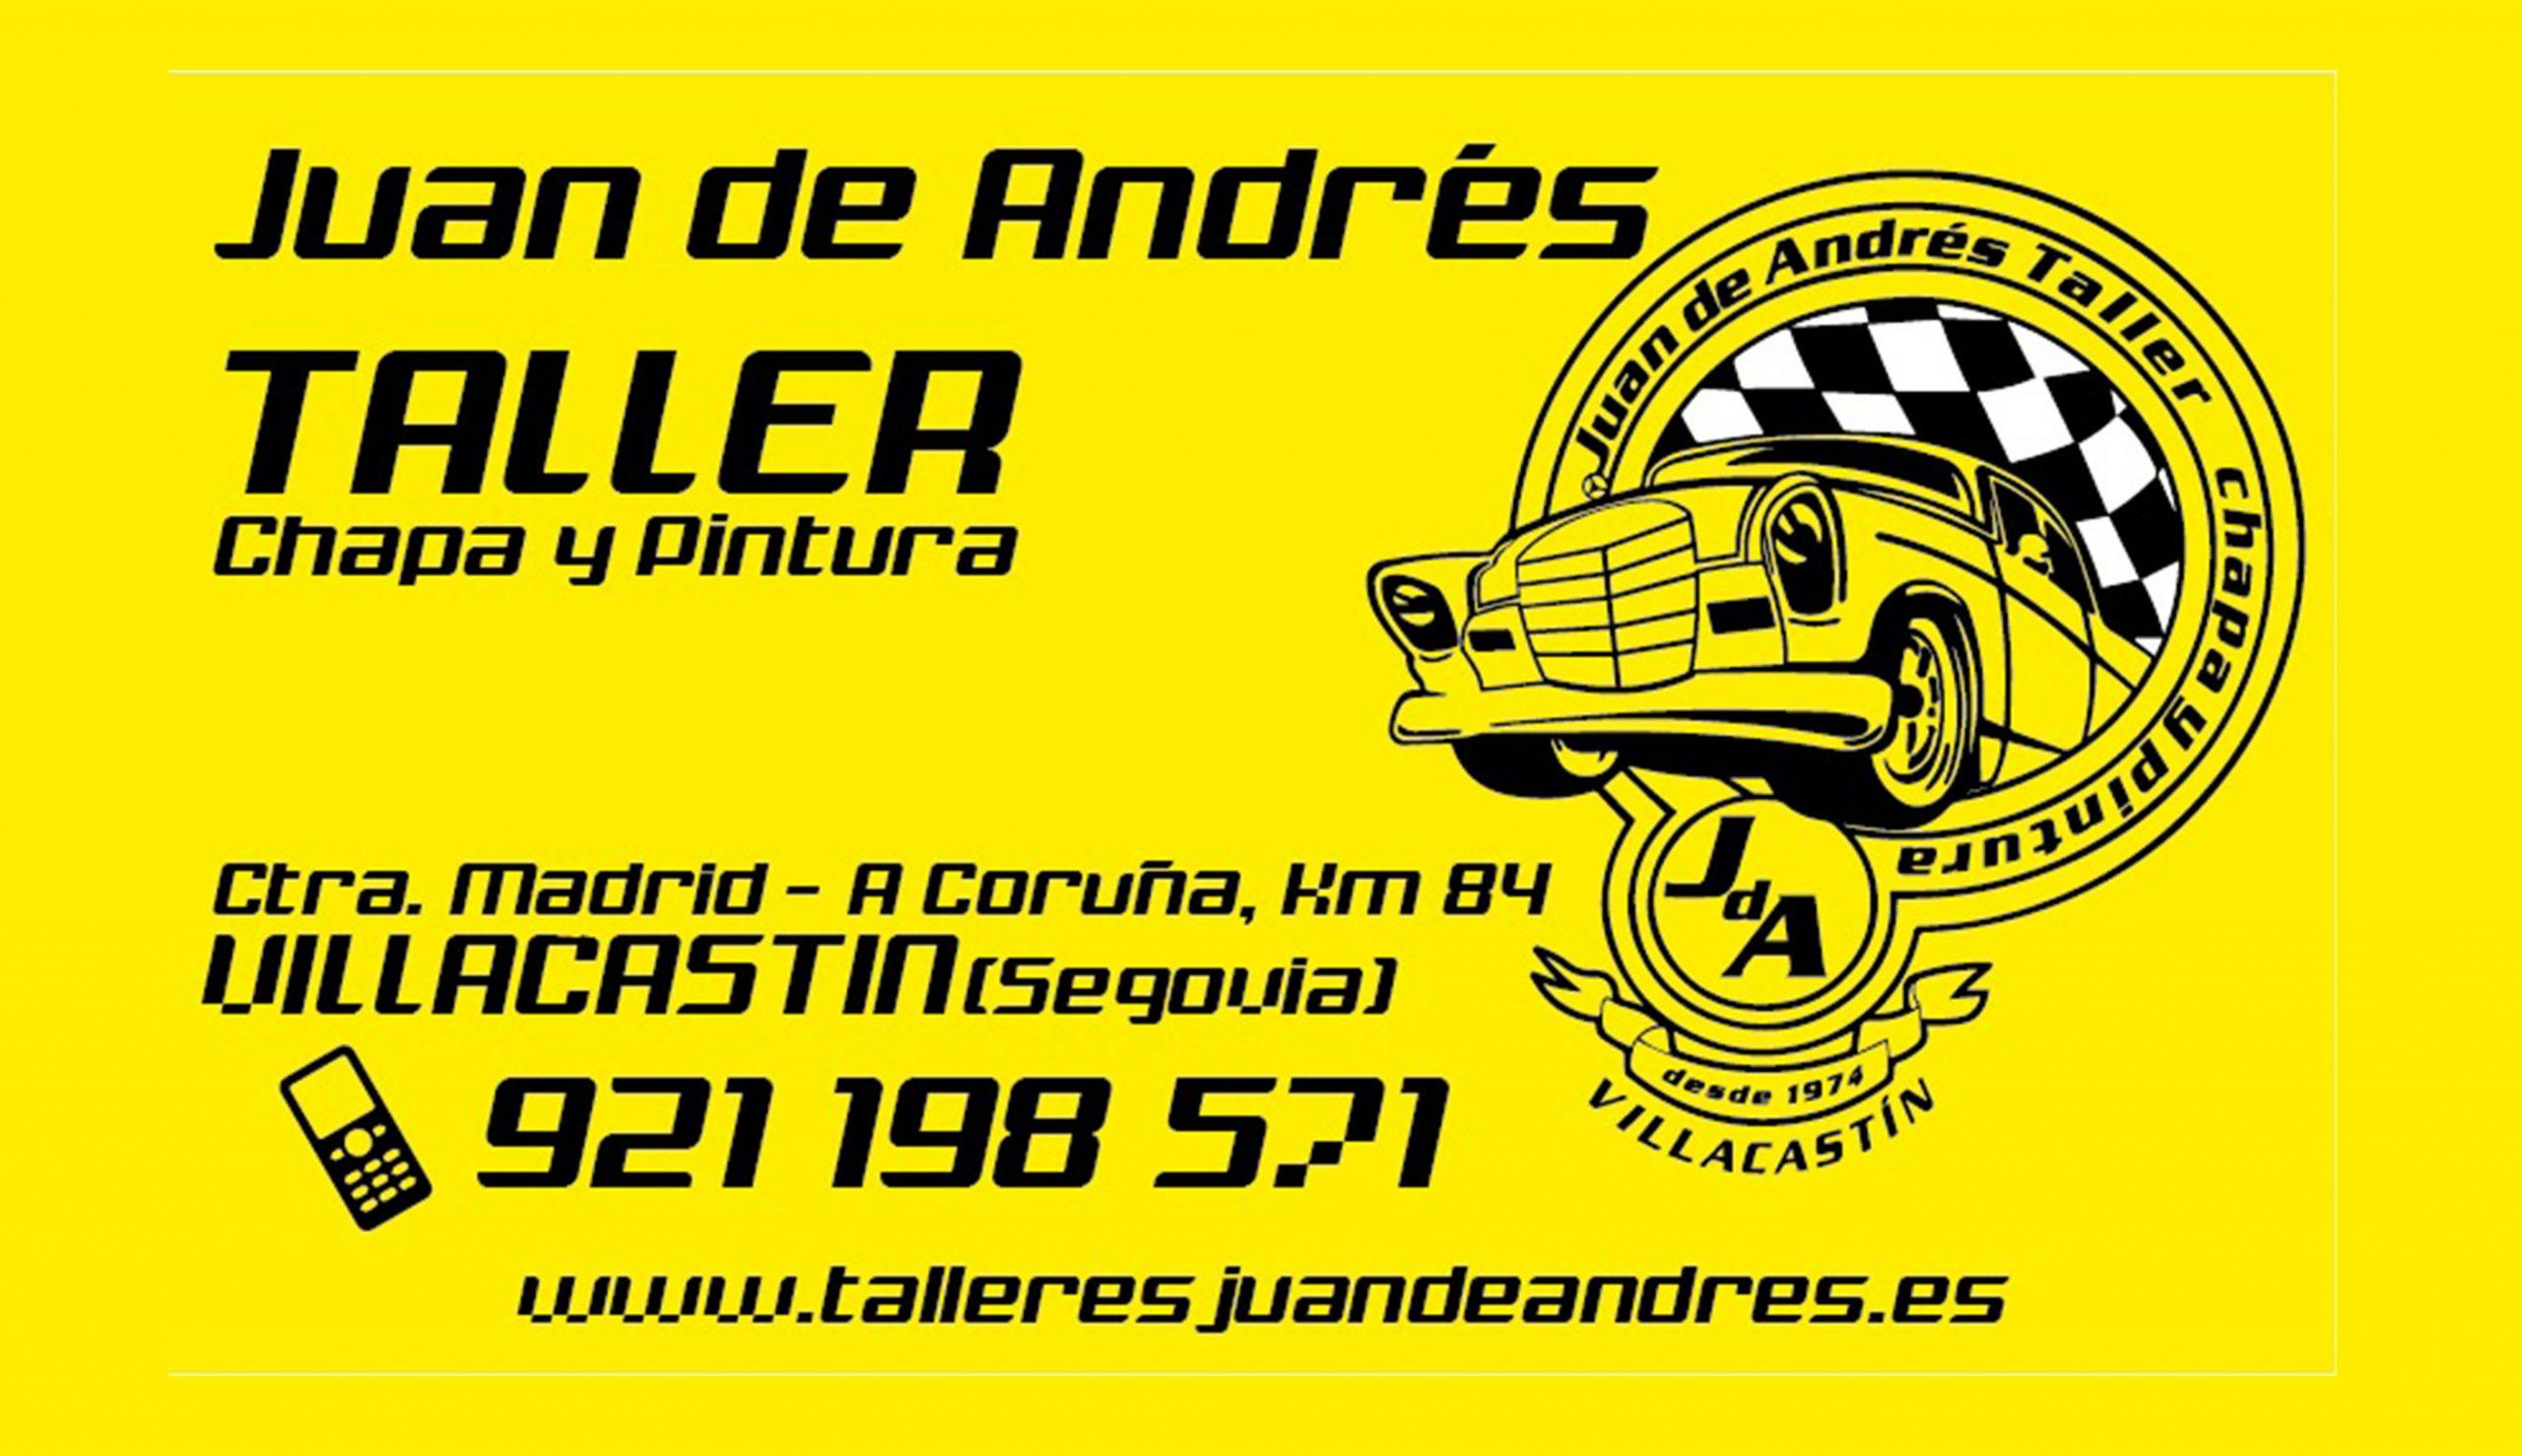 1-Taller_Juan_de_Andres